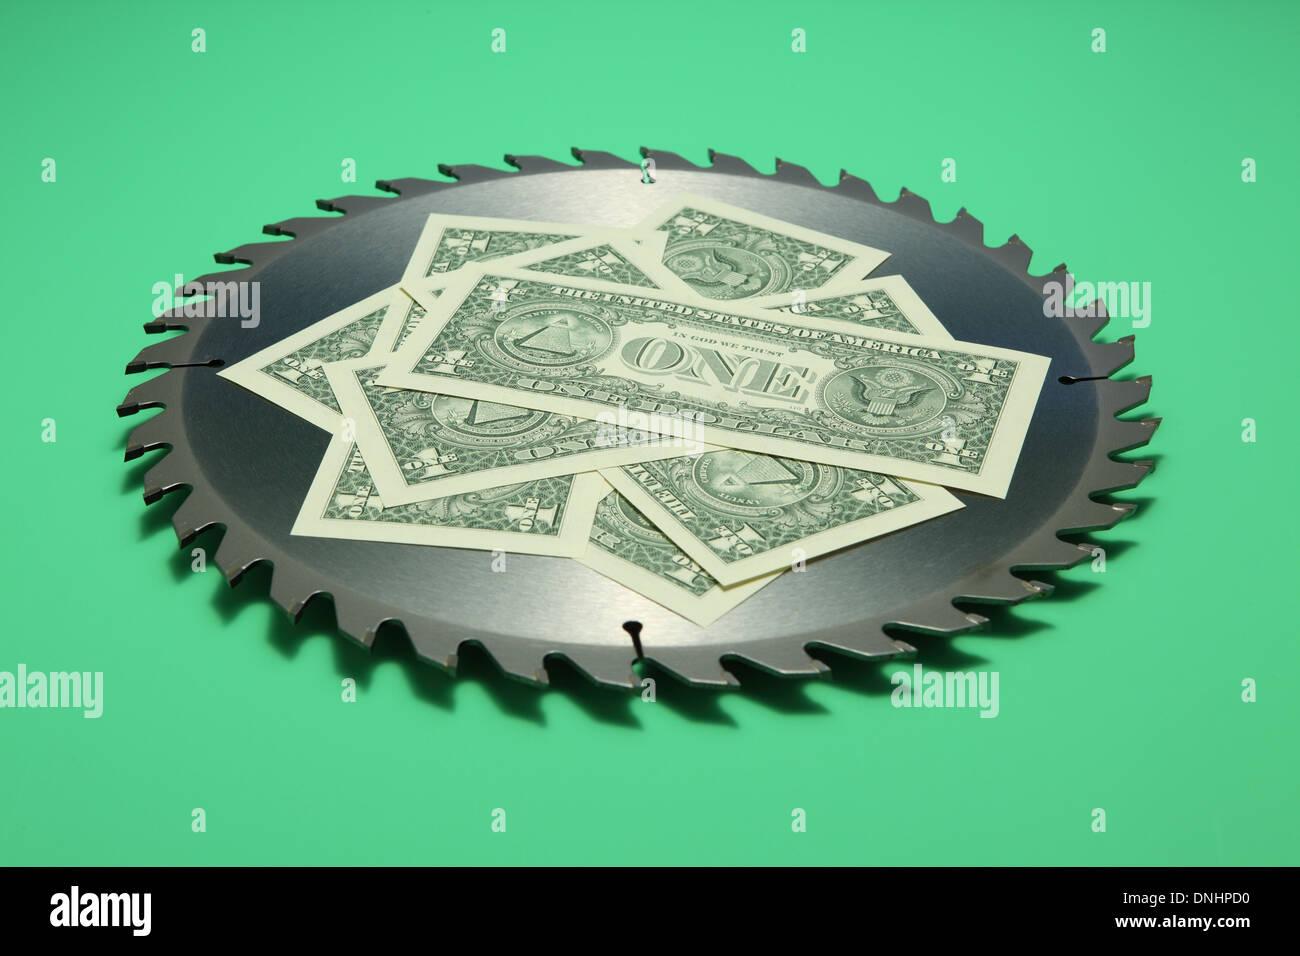 Una afilada hoja de sierra de metal circular con la divisa estadounidense sobre fondo verde. Imagen De Stock